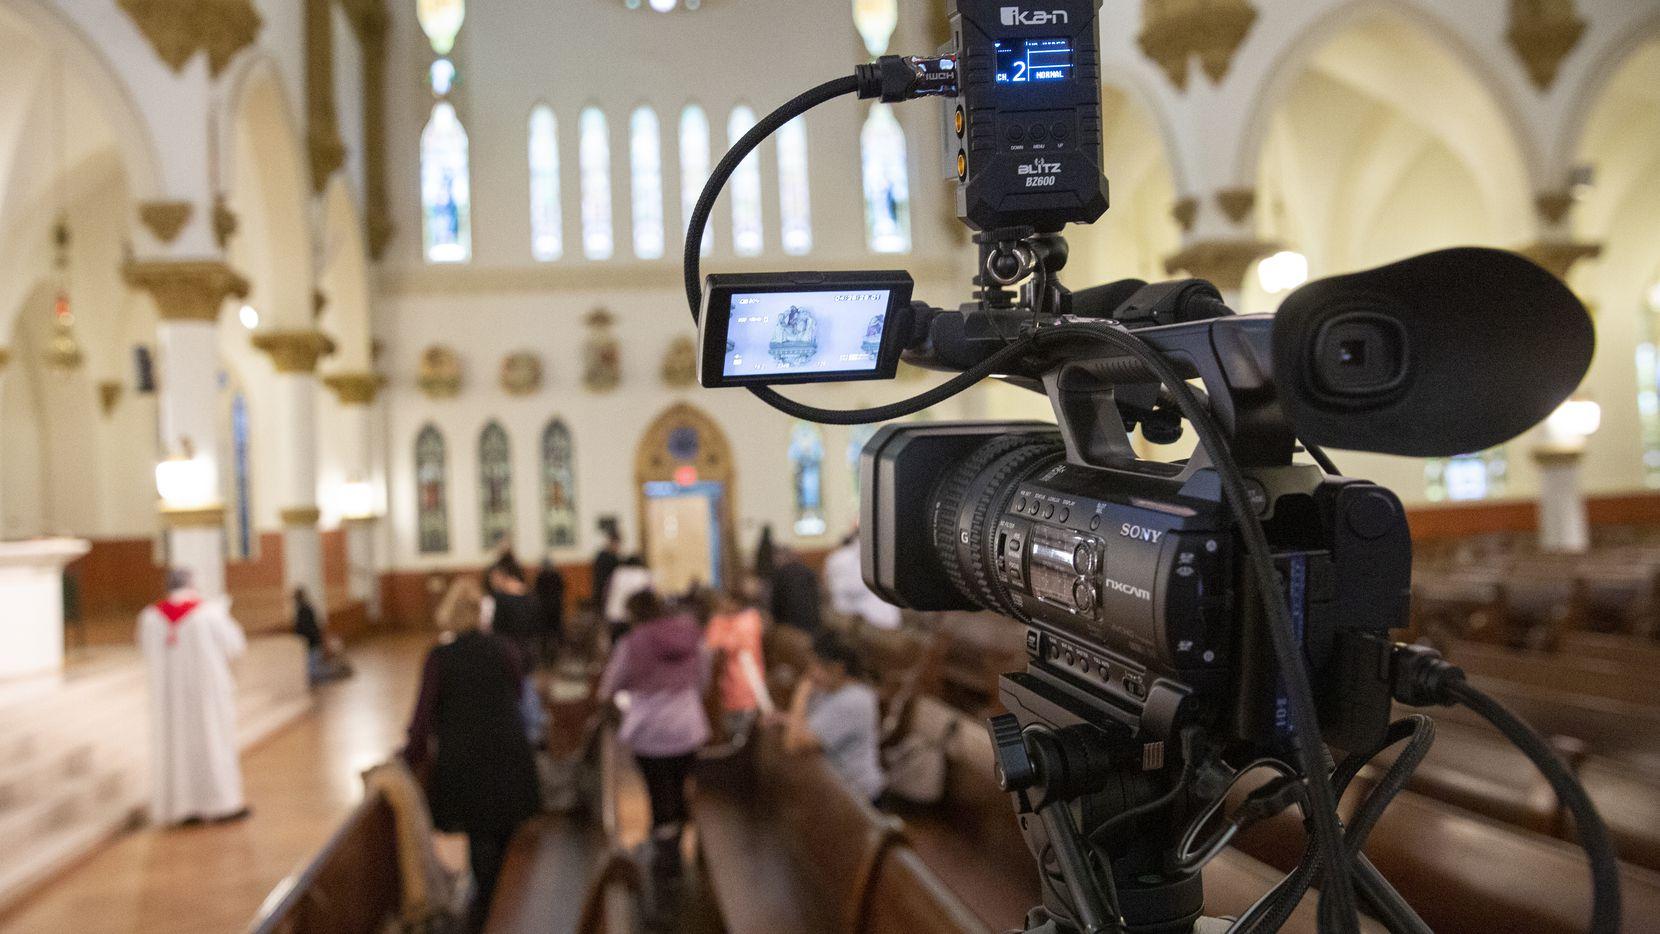 Las iglesias del Norte de Texas, incluida la Catedral, transmitirán las celebraciones de Semana Santa a través de internet.